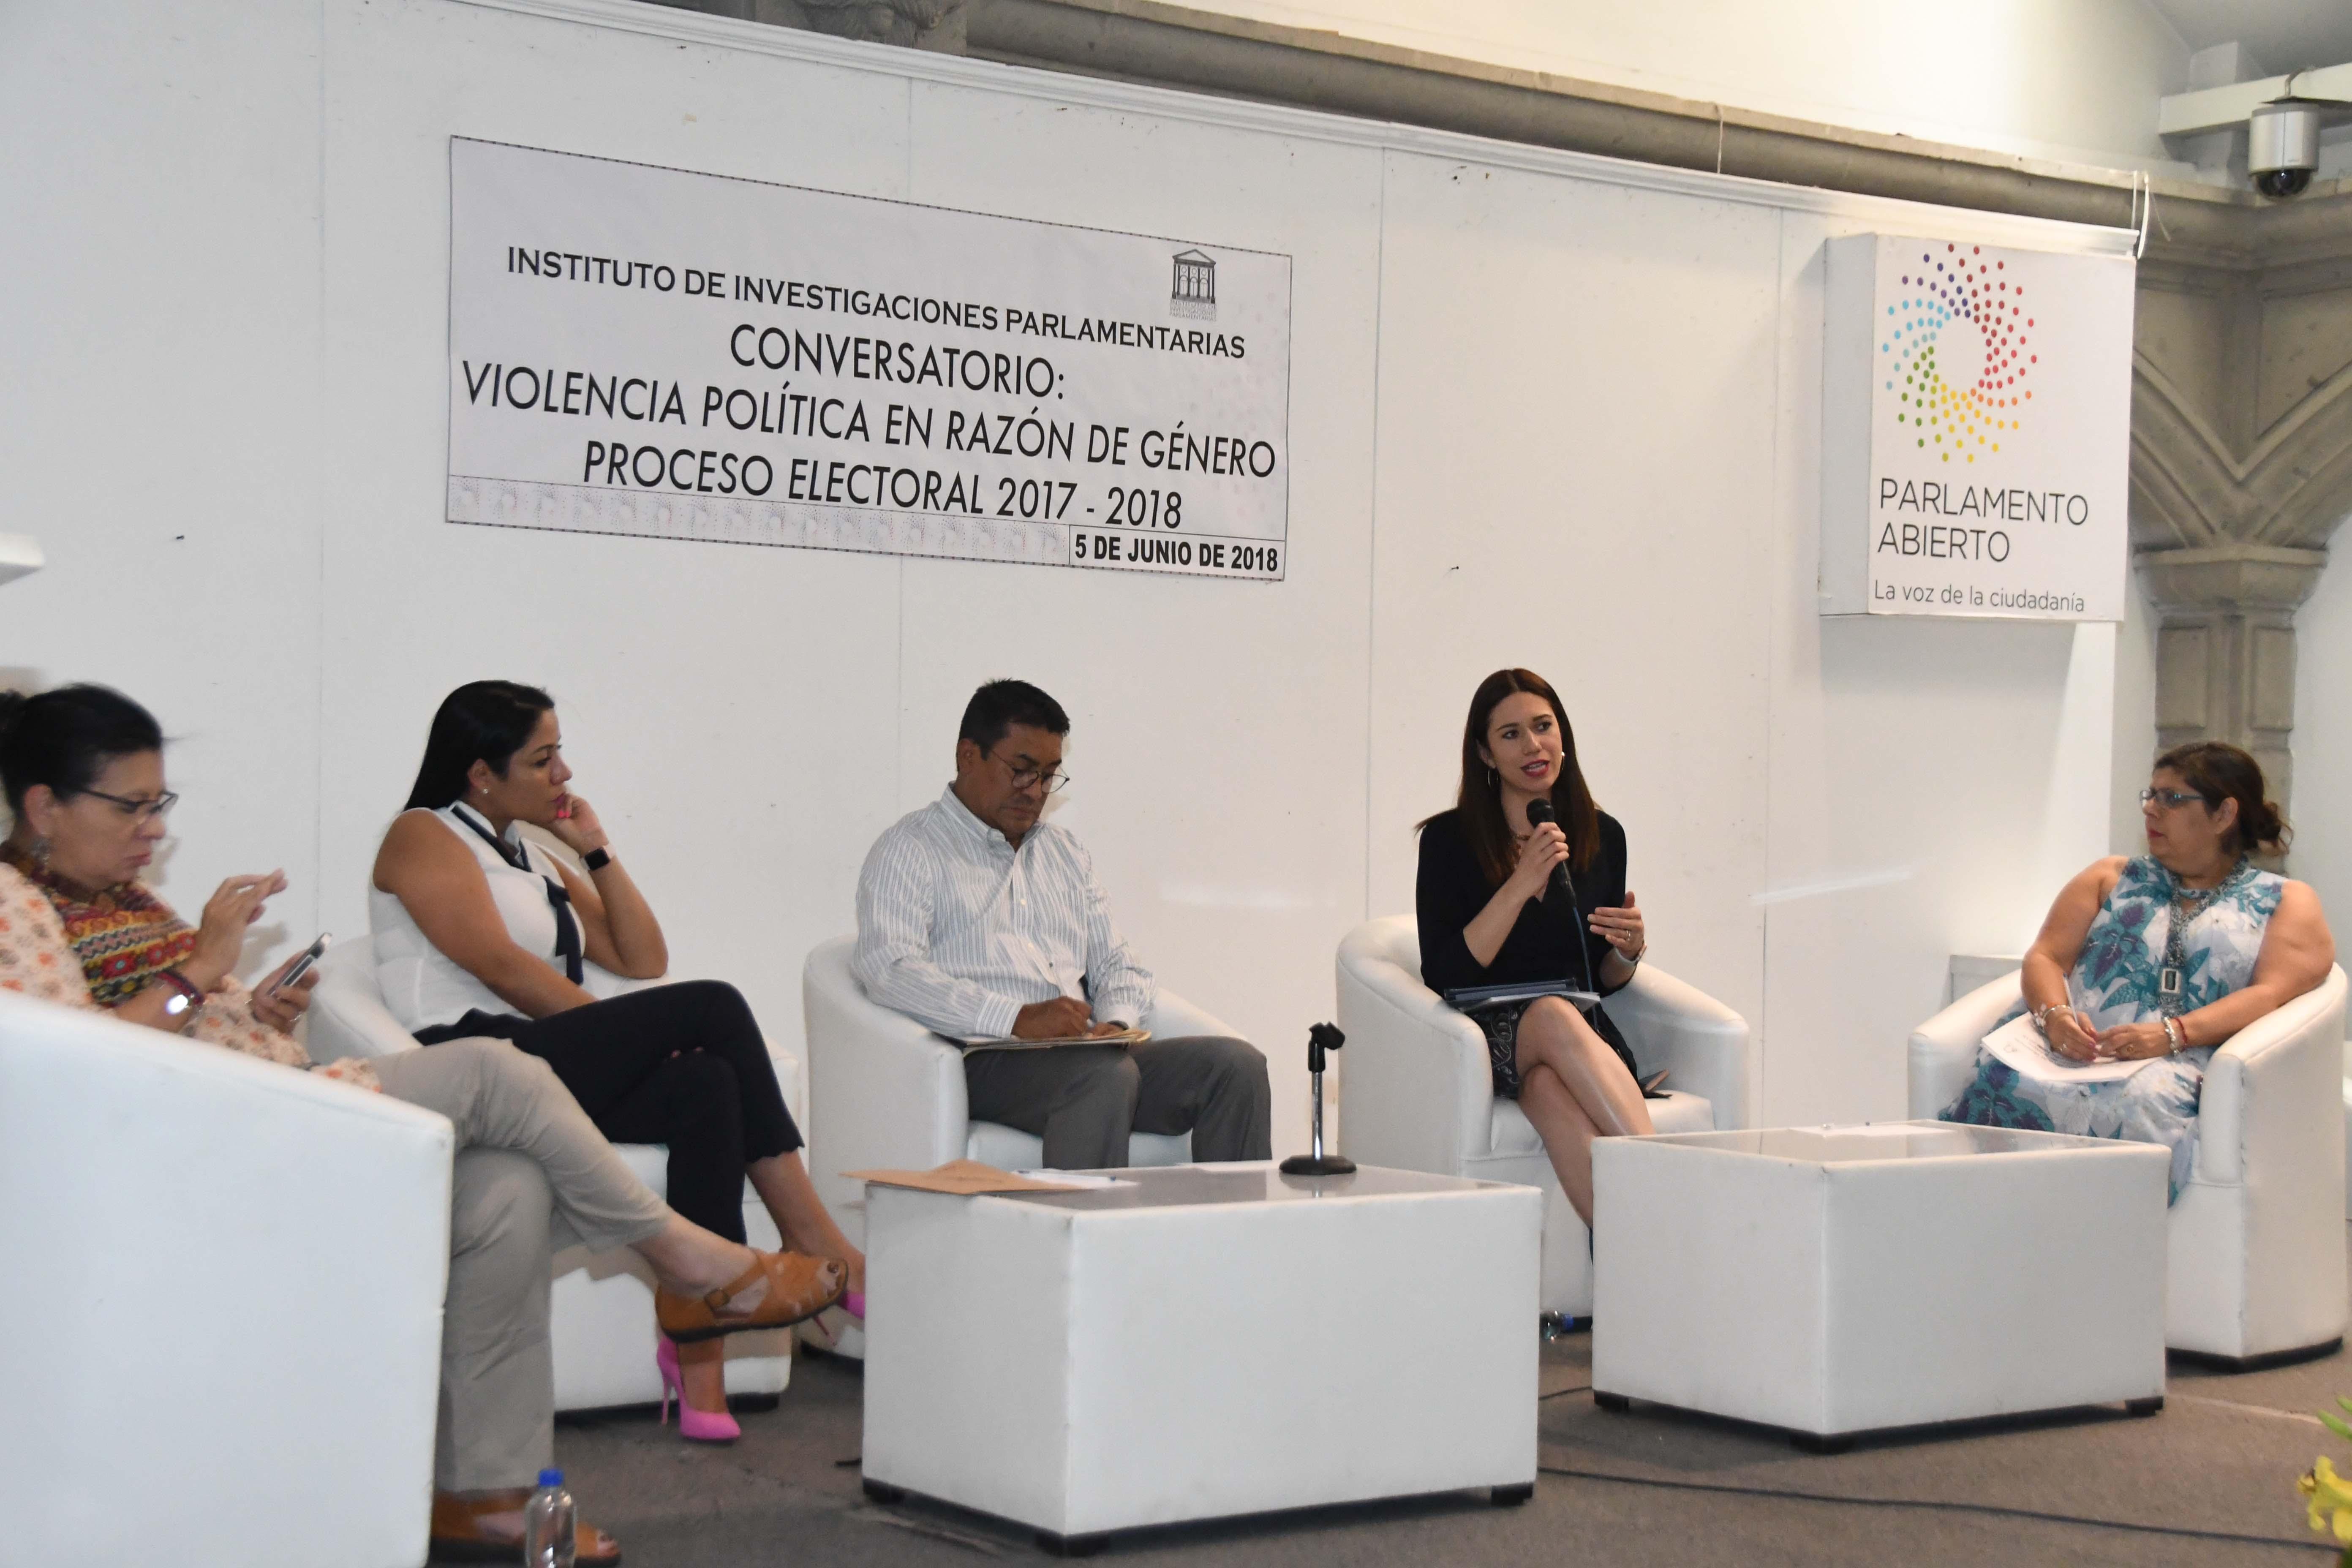 Exhorta Consejera Gabriela Williams Salazar a candidatas a tejer redes para denunciar violencia política contra mujeres